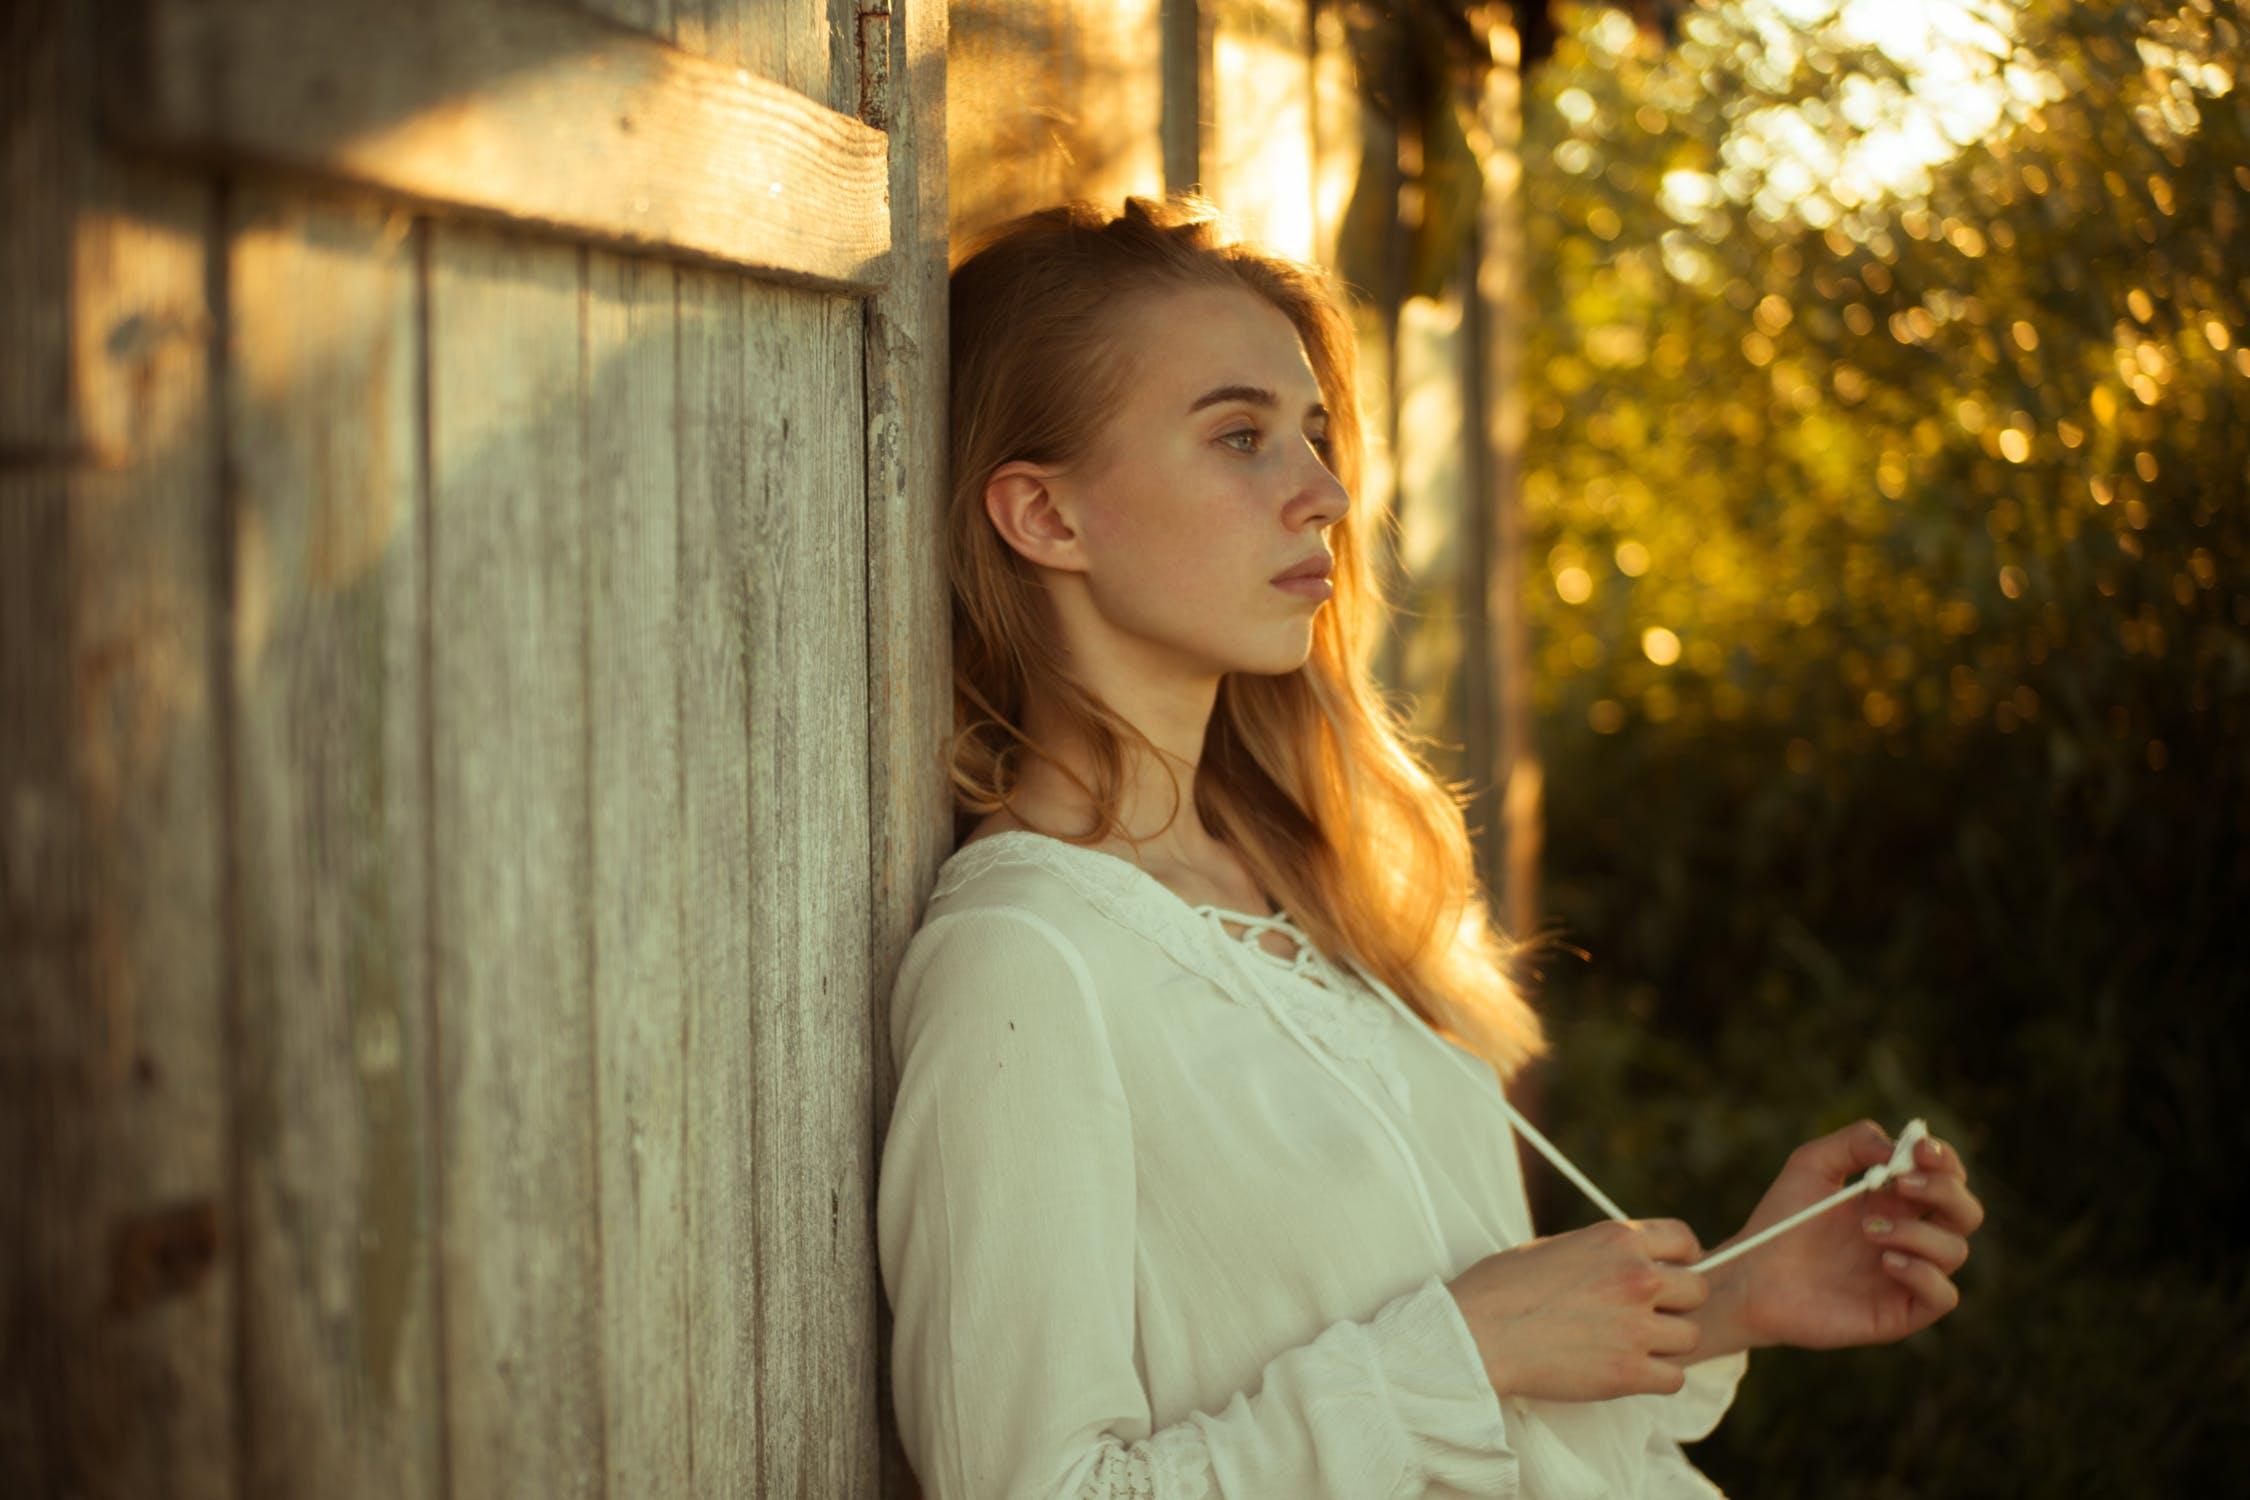 Emocjonalna deprywacja – pustynia emocji w relacjach